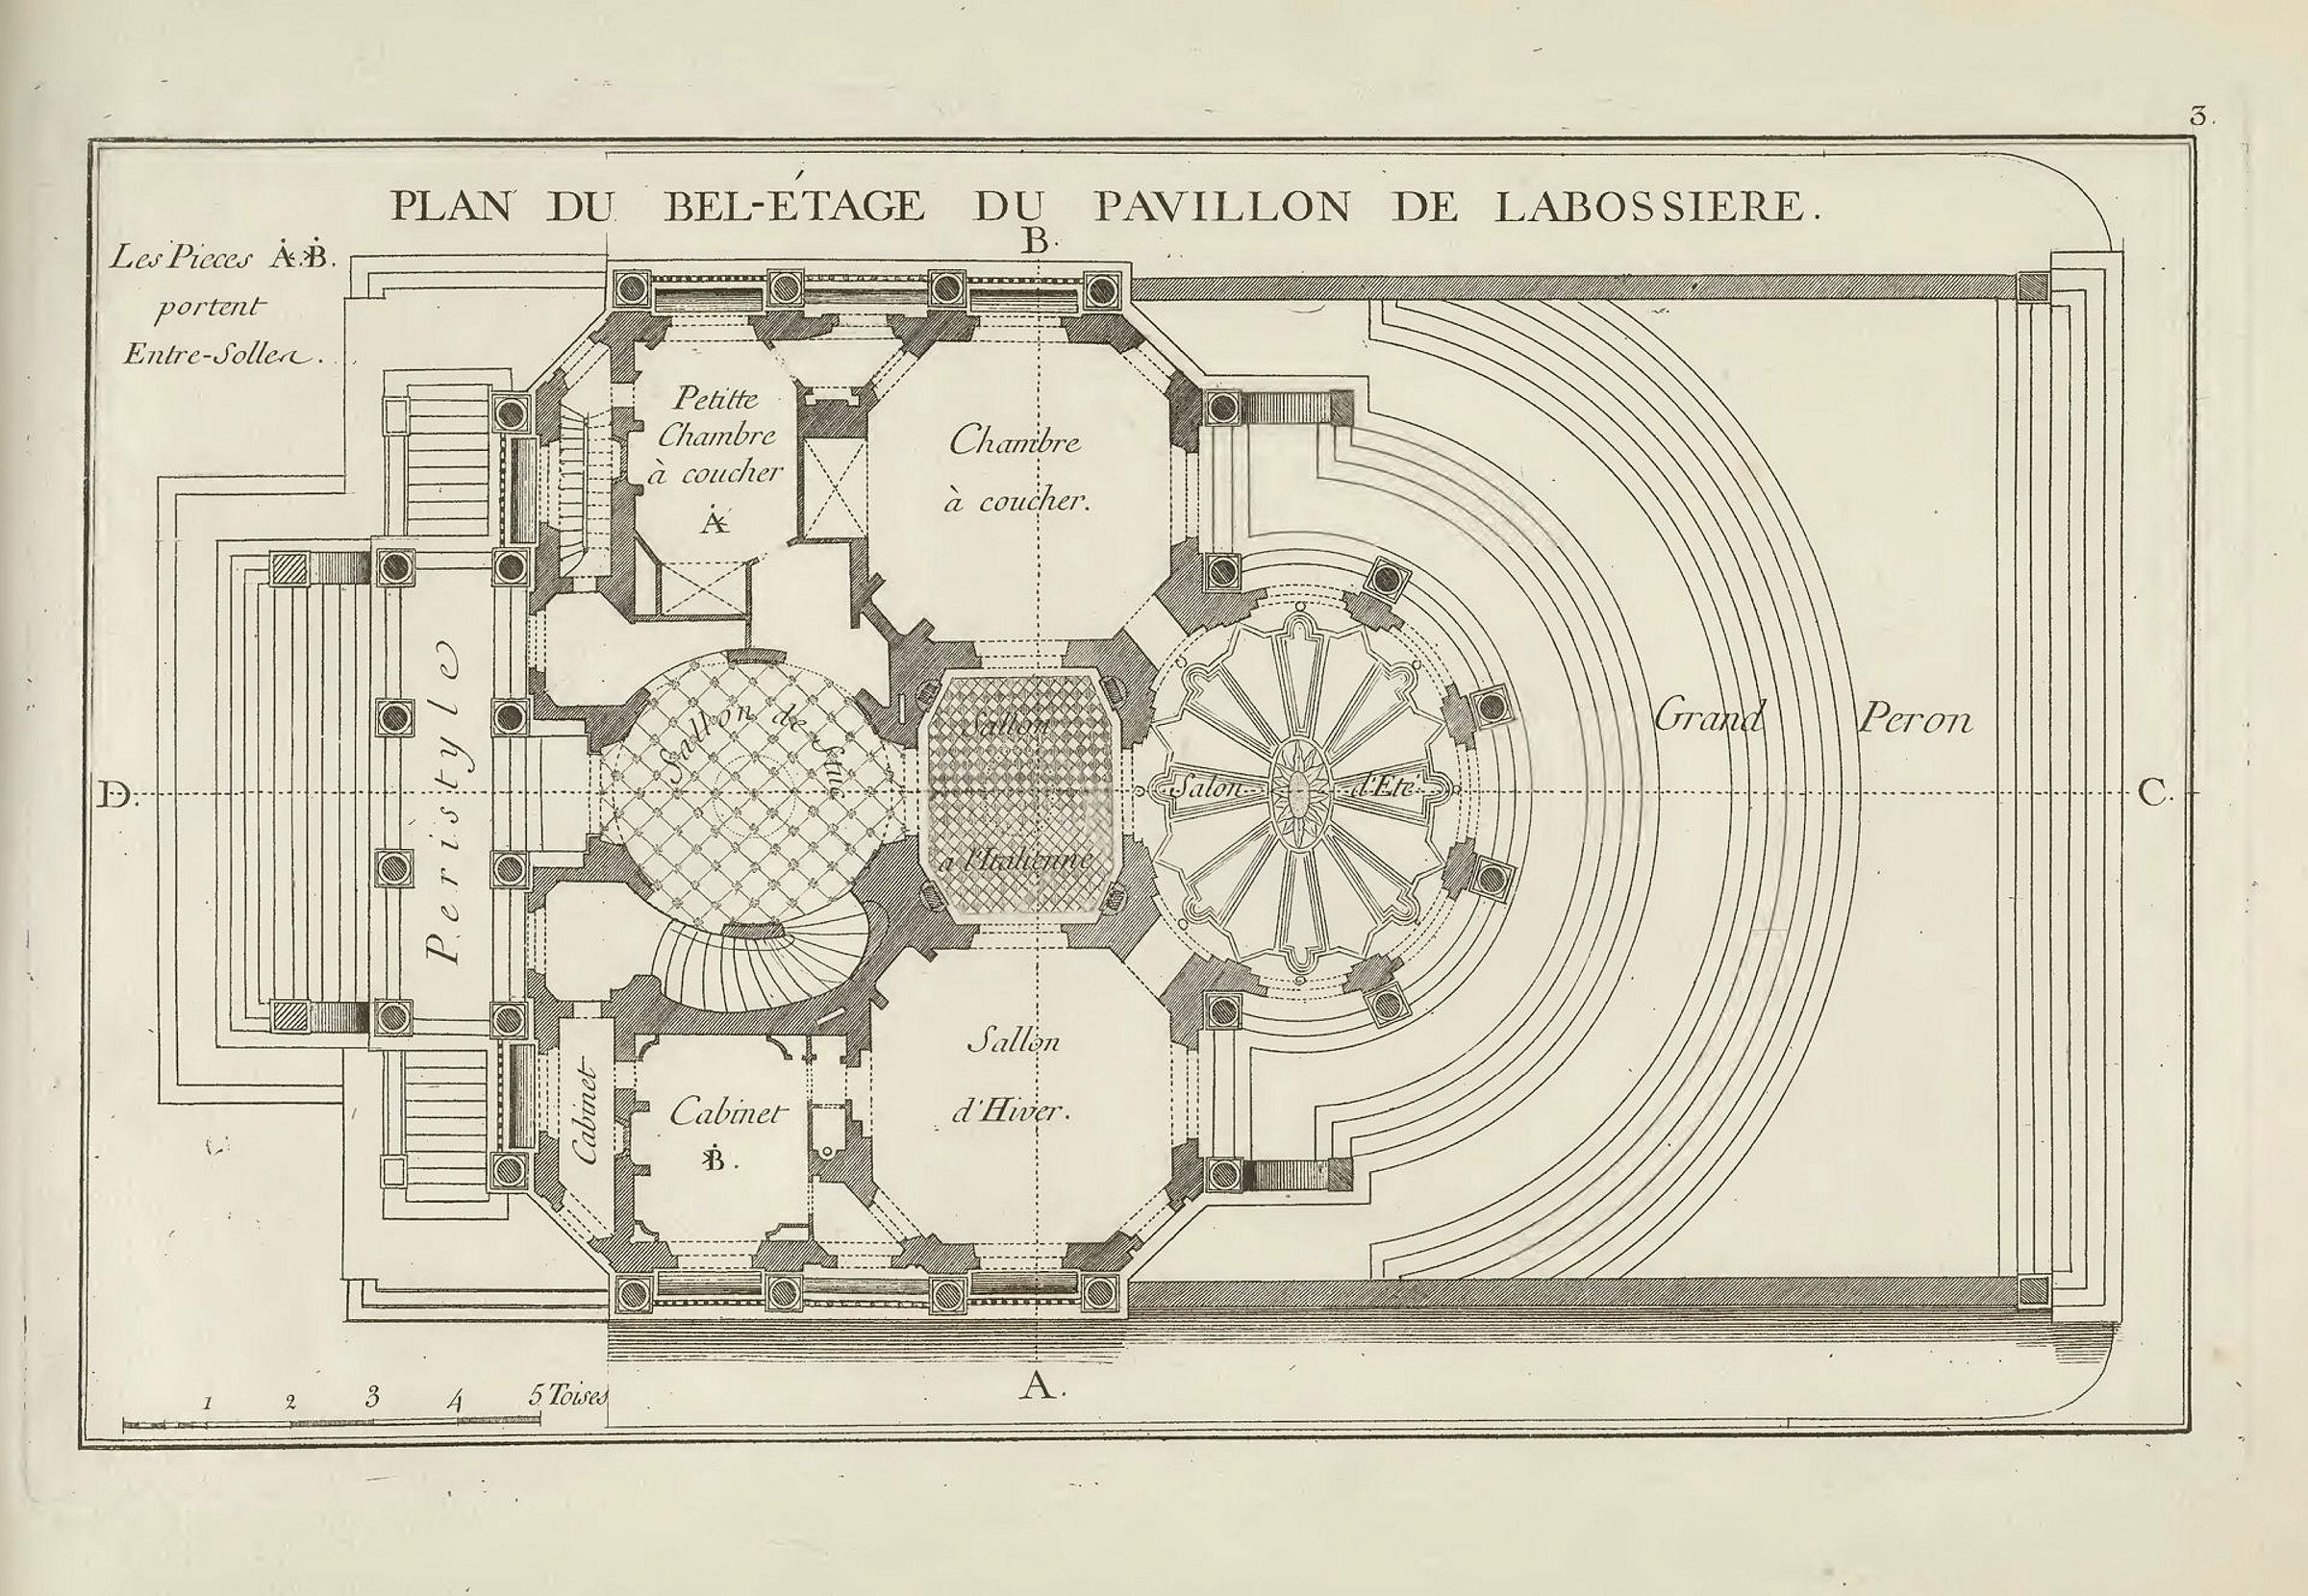 1113325 Tif Plan Du Bel étage Du Pavillon De Labossiere Fotoweb 8 0